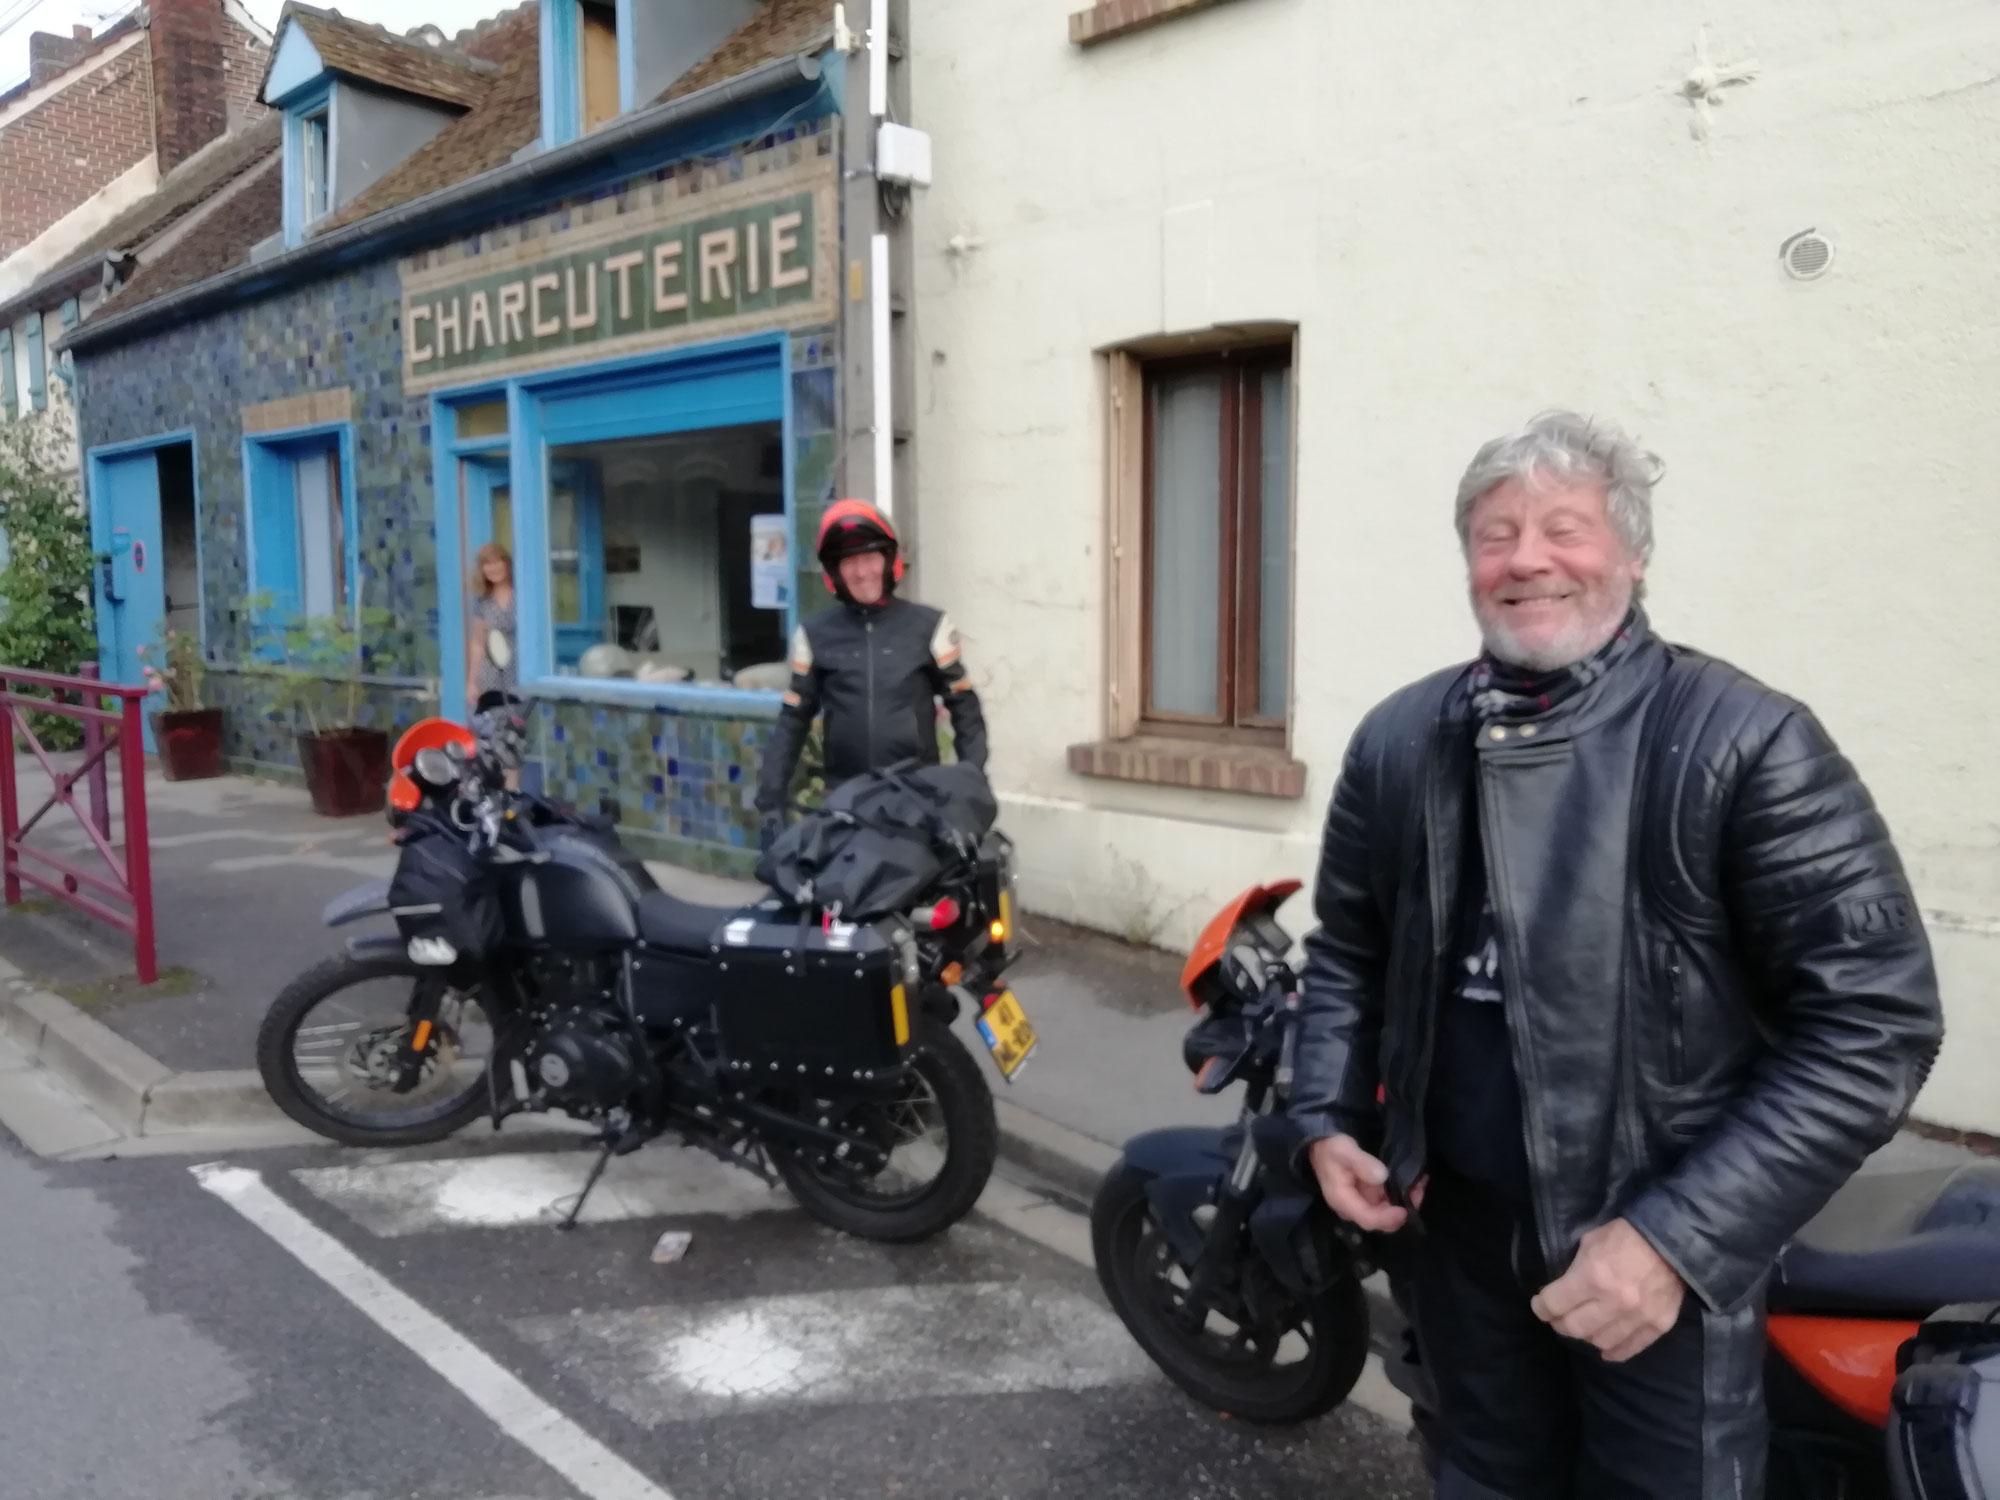 Grosses motos à la Charcuterie Greber